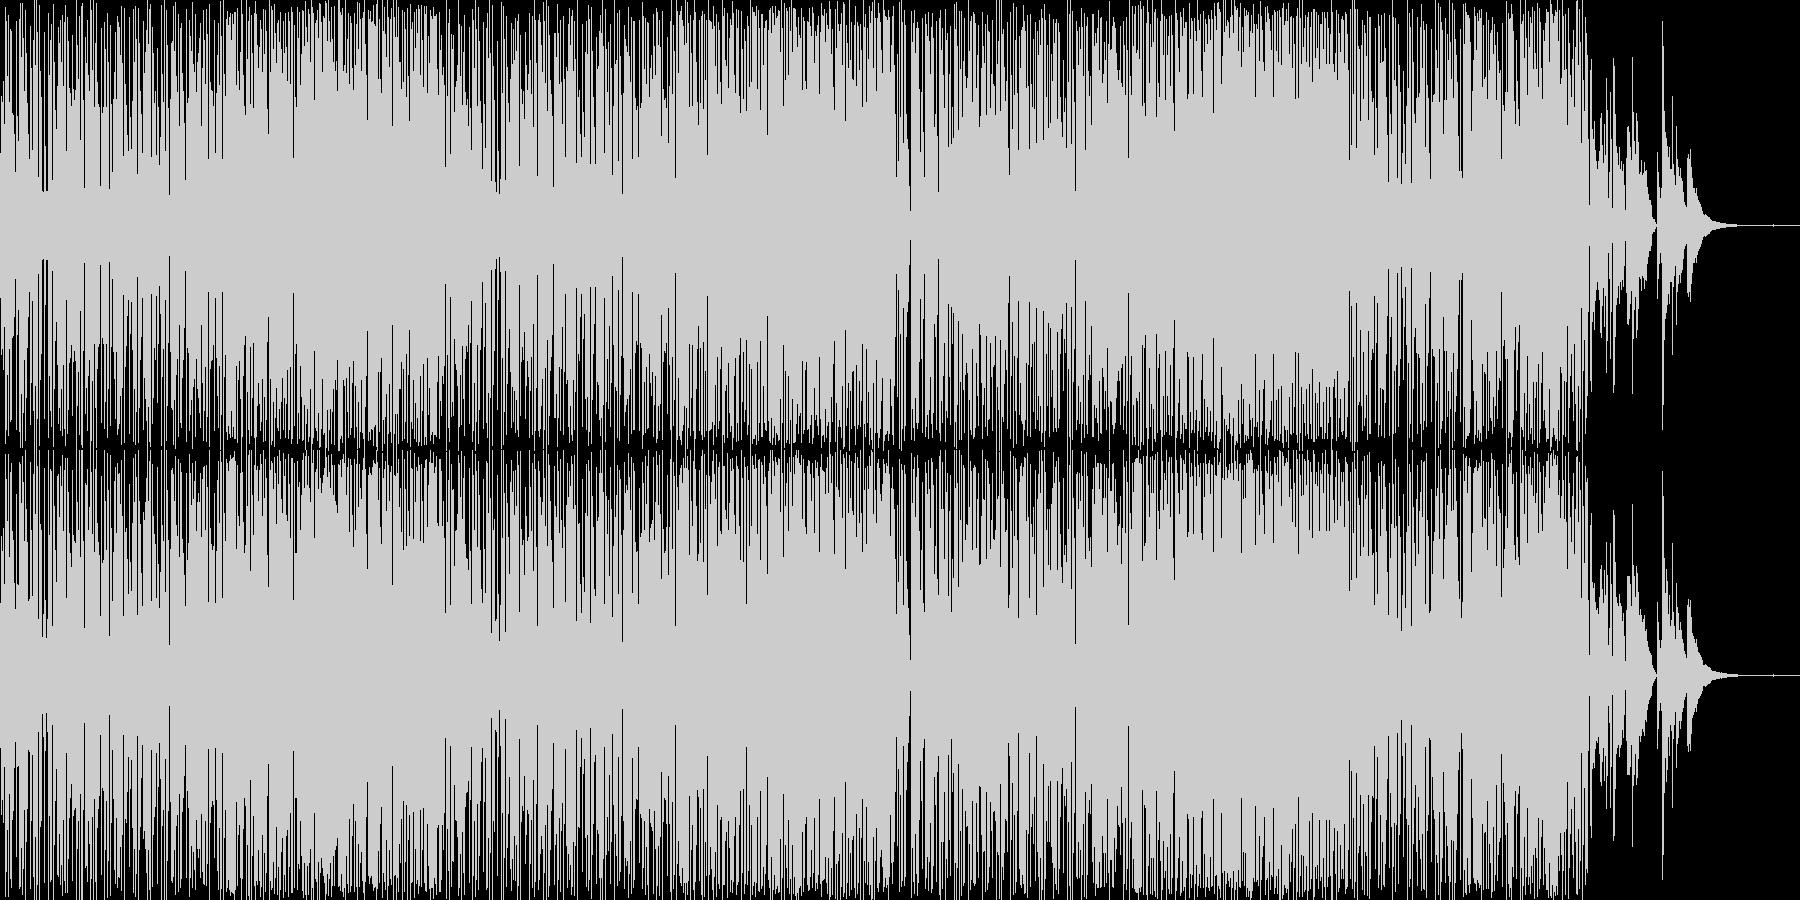 オシャレでちょっとレトロな雰囲気の楽曲…の未再生の波形